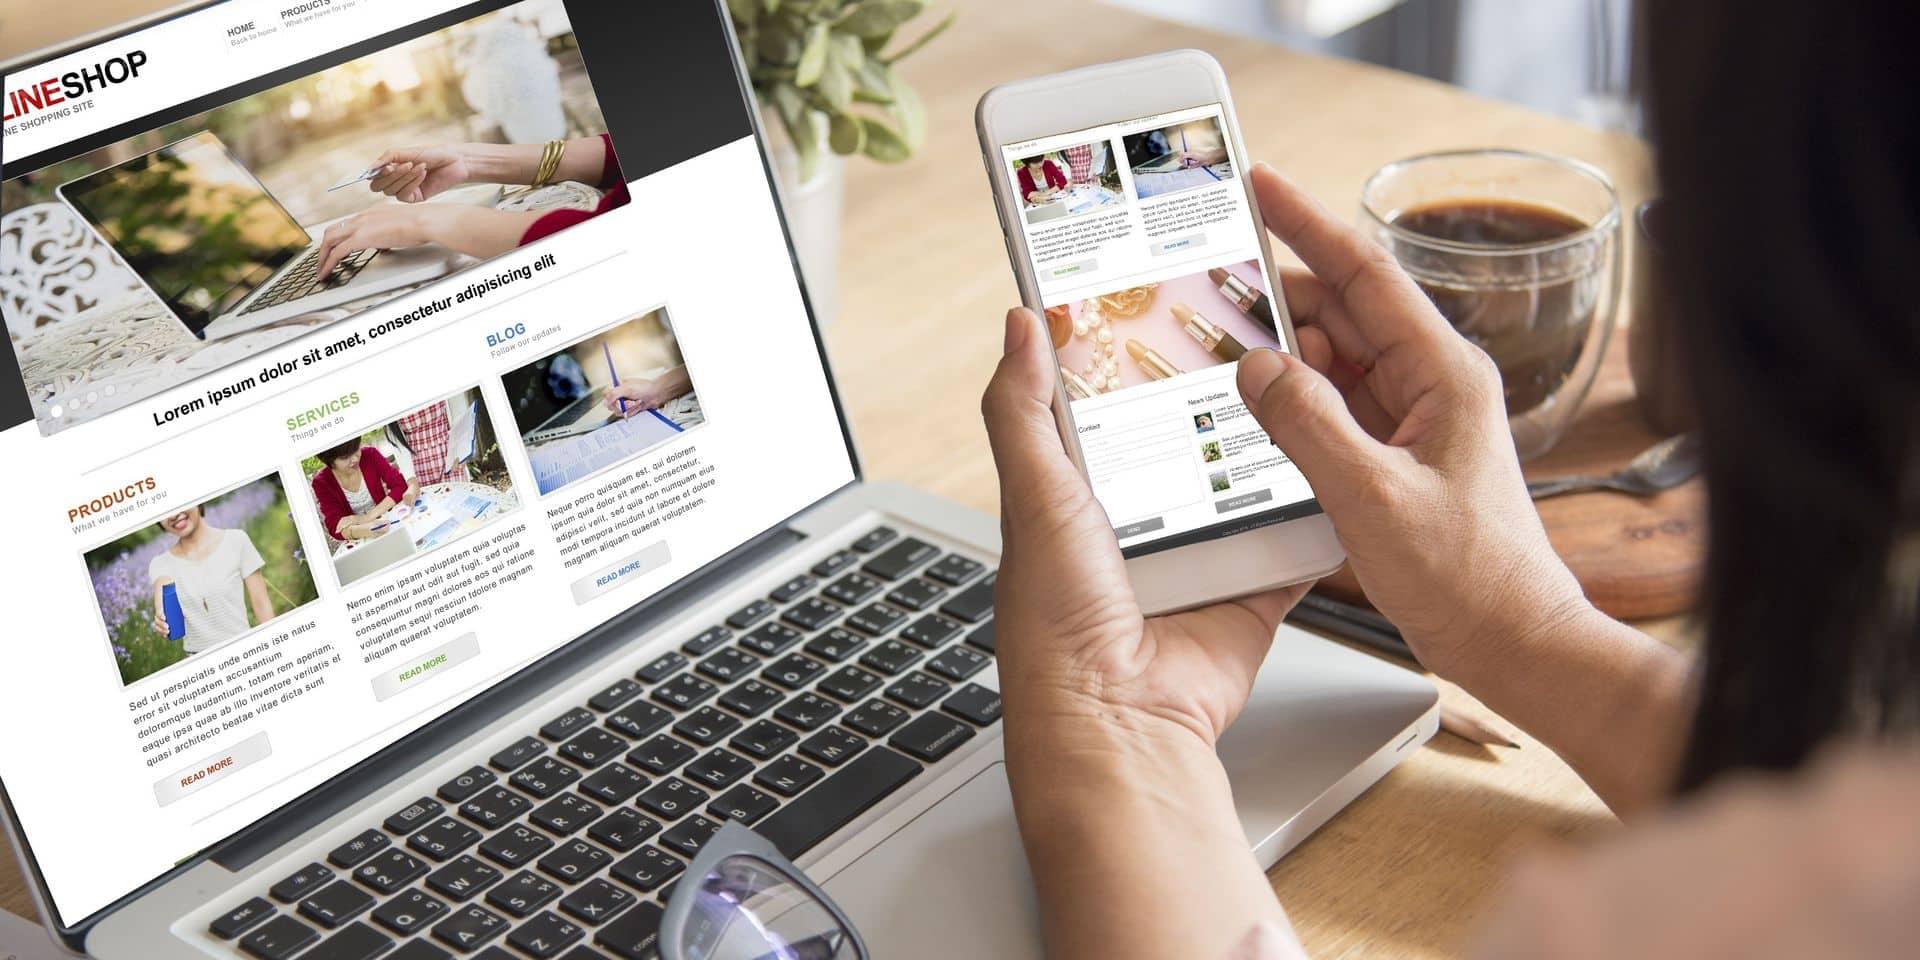 Les ventes en ligne explosent: la mode, l'électronique et jeux ont le vent en poupe